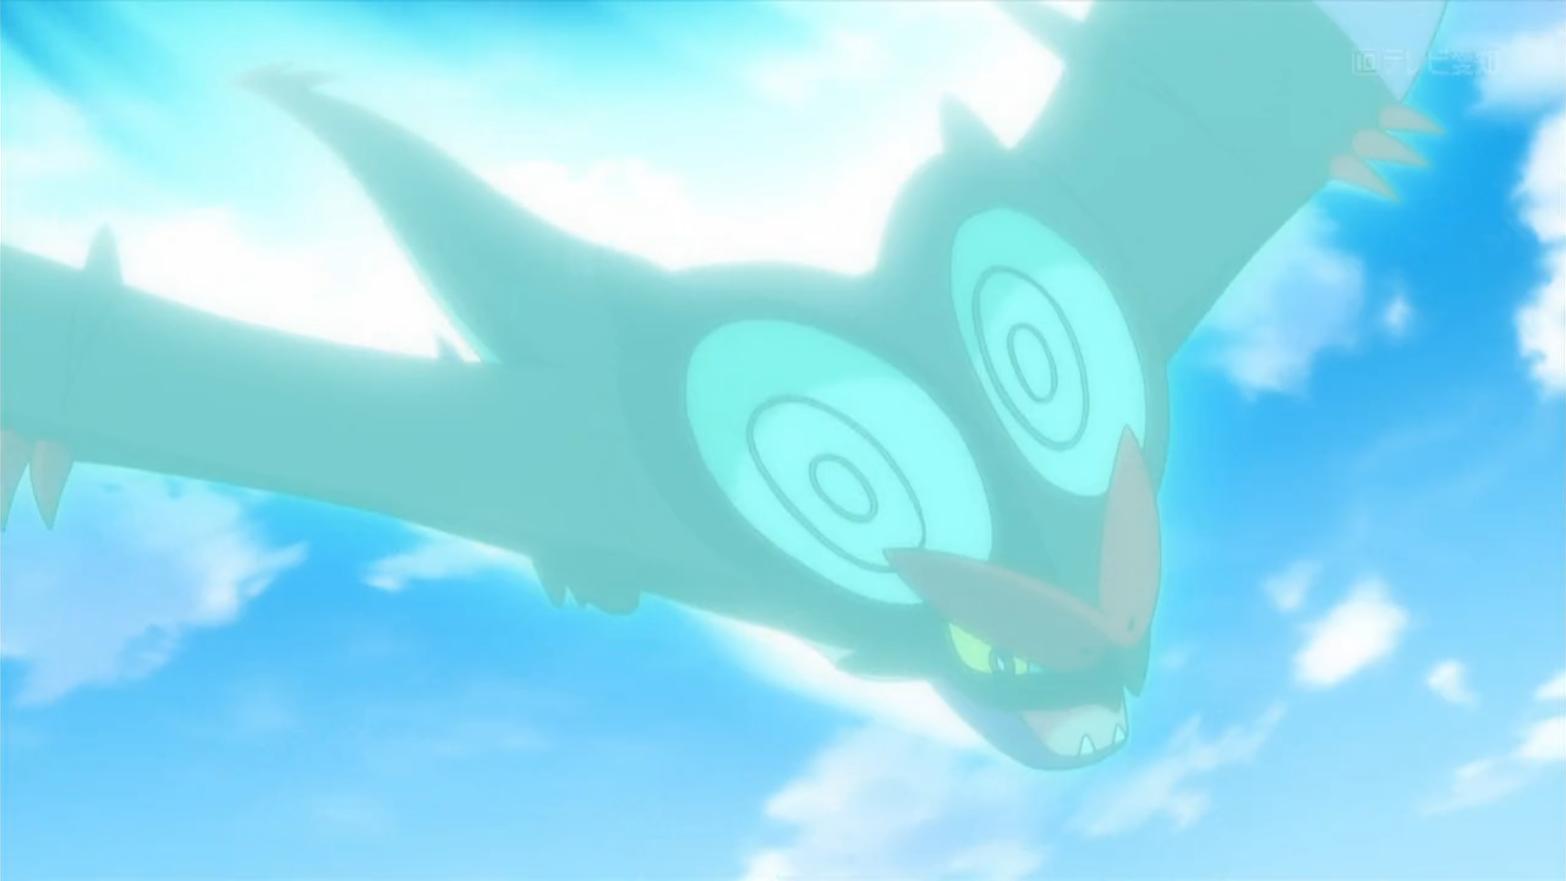 Noibat (Pokémon) - Bulbapedia, the community-driven ...